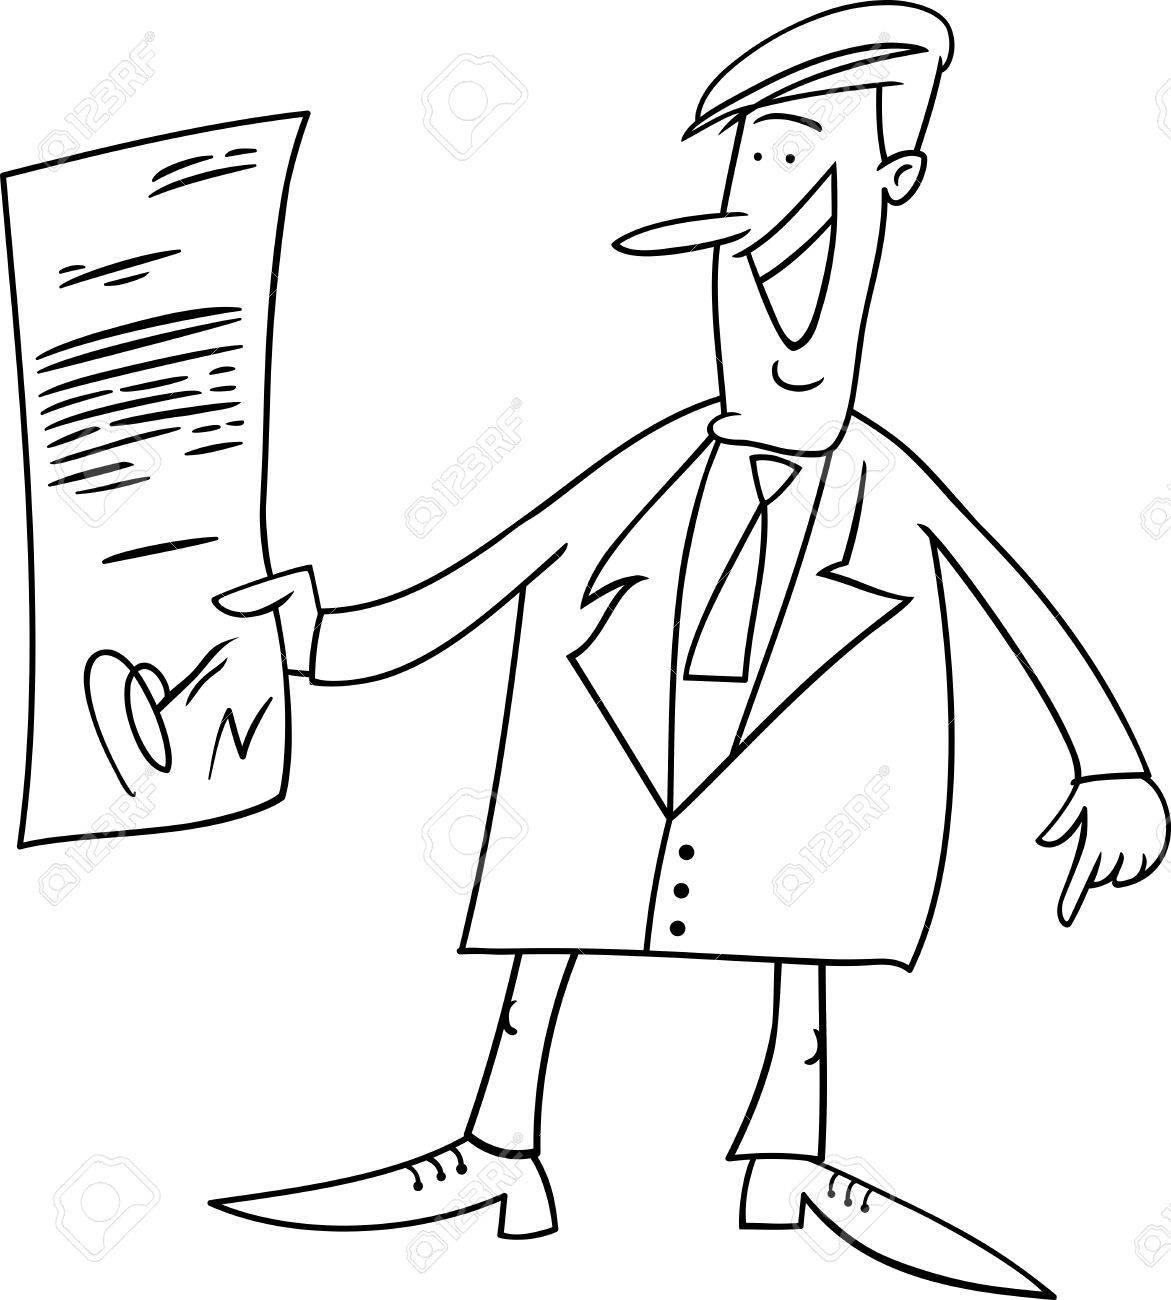 Dibujos Animados De Blanco Y Negro Ilustración De Hombre De Negocios Feliz Con El Acuerdo O Contrato Para Colorear Libro